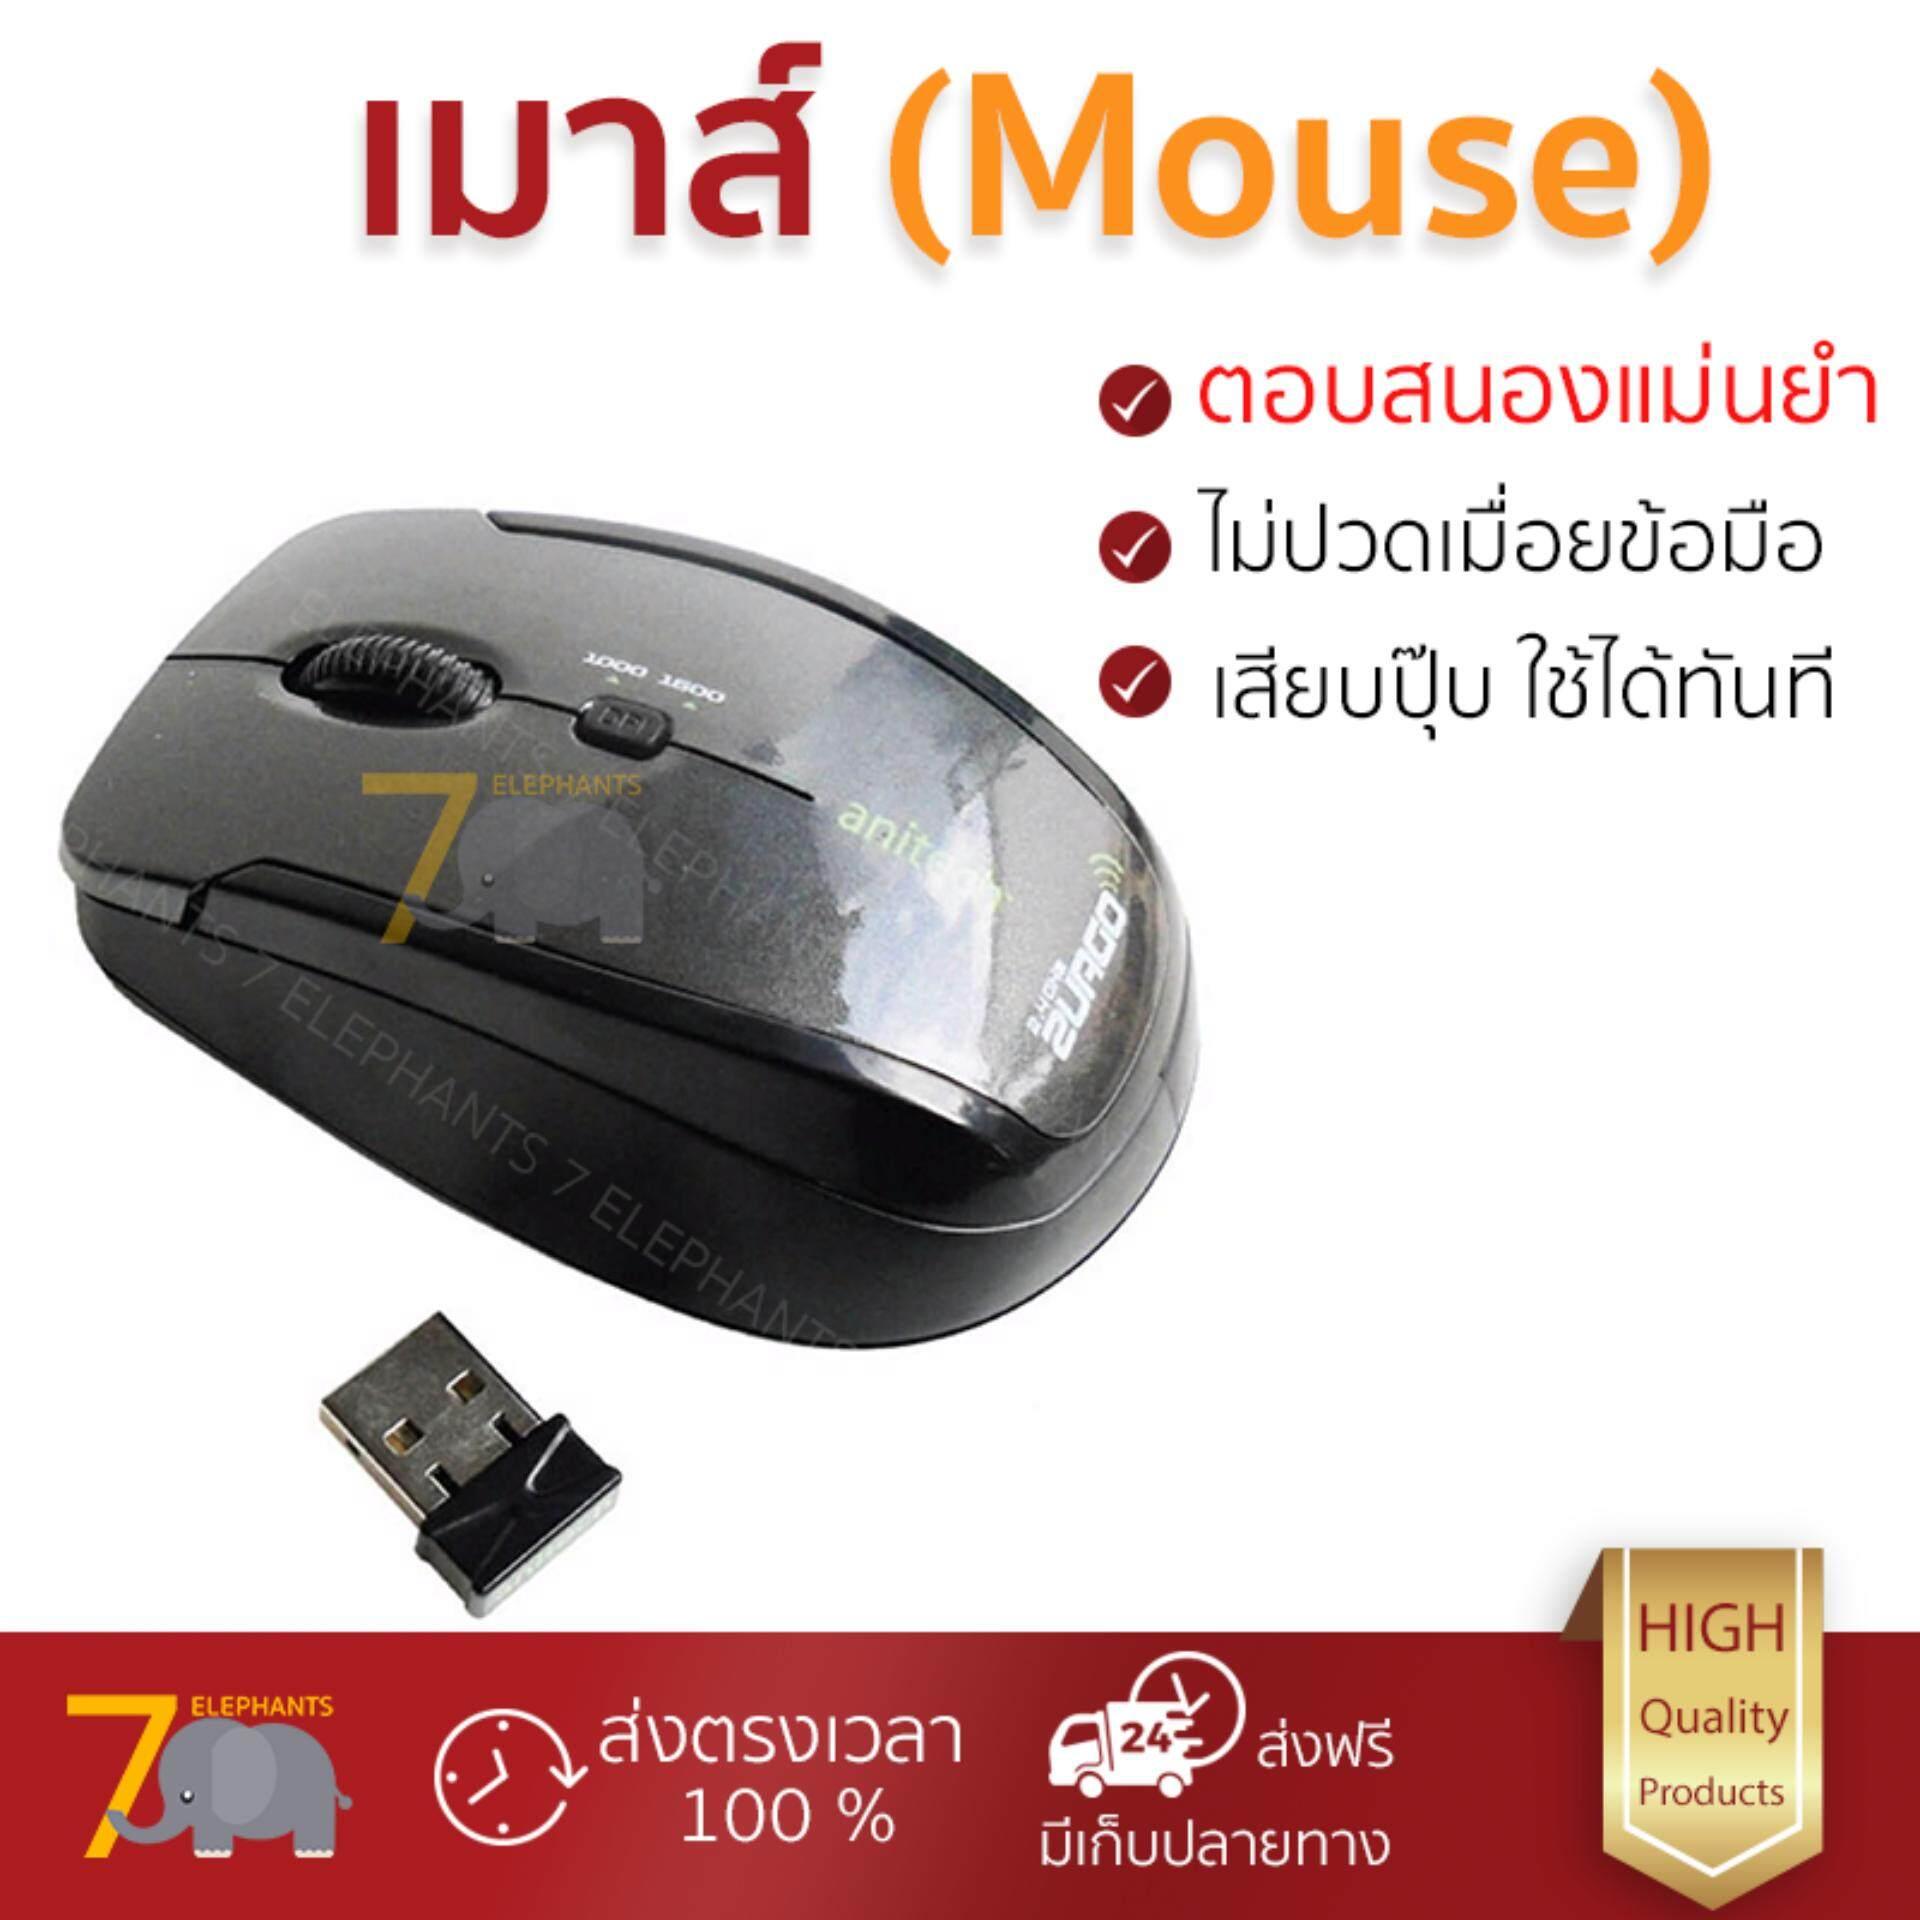 เก็บเงินปลายทางได้ รุ่นใหม่ล่าสุด เมาส์           ANITECH เมาส์ไร้สาย (สีดำ) รุ่น MW211             เซนเซอร์คุณภาพสูง ทำงานได้ลื่นไหล ไม่มีสะดุด Computer Mouse  รับประกันสินค้า 1 ปี จัดส่งฟรี Kerry ทั